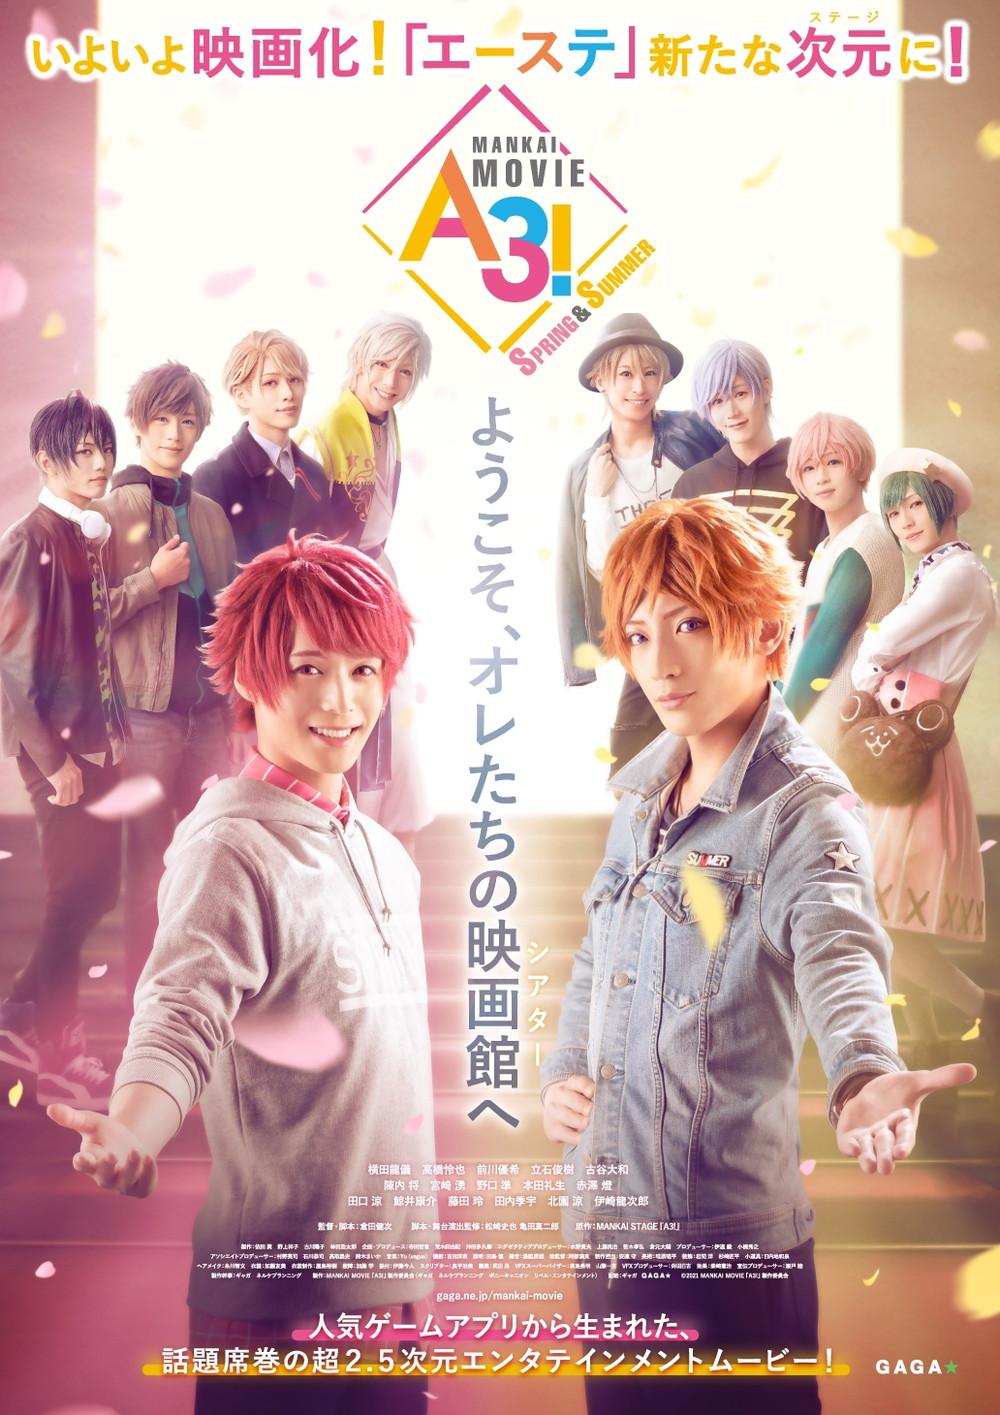 A3!movie_MANKAI_ MOVIE『A3!』